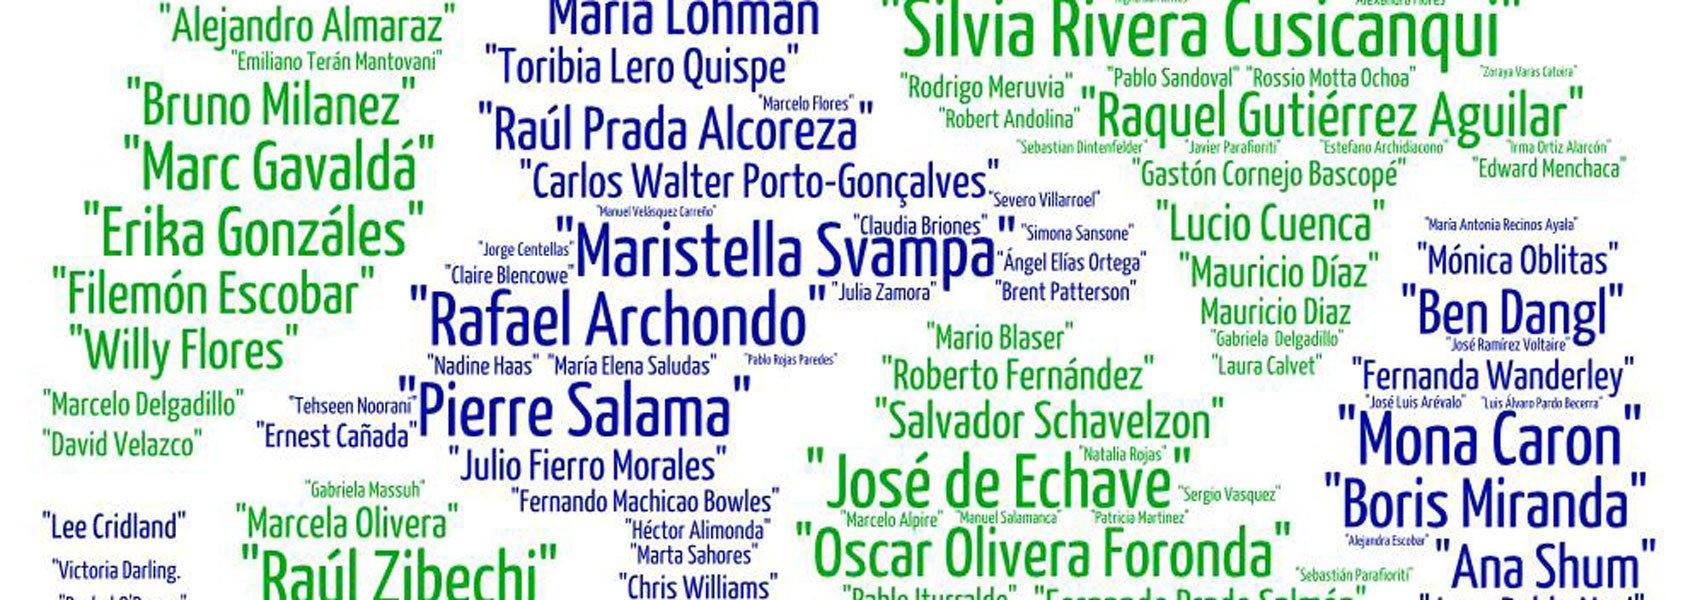 Manifestamos nuestra solidaridad al CEDIB y le demandamos al Estado boliviano cesar las agresiones y otorgar las garantías para la continuidad de sus labores